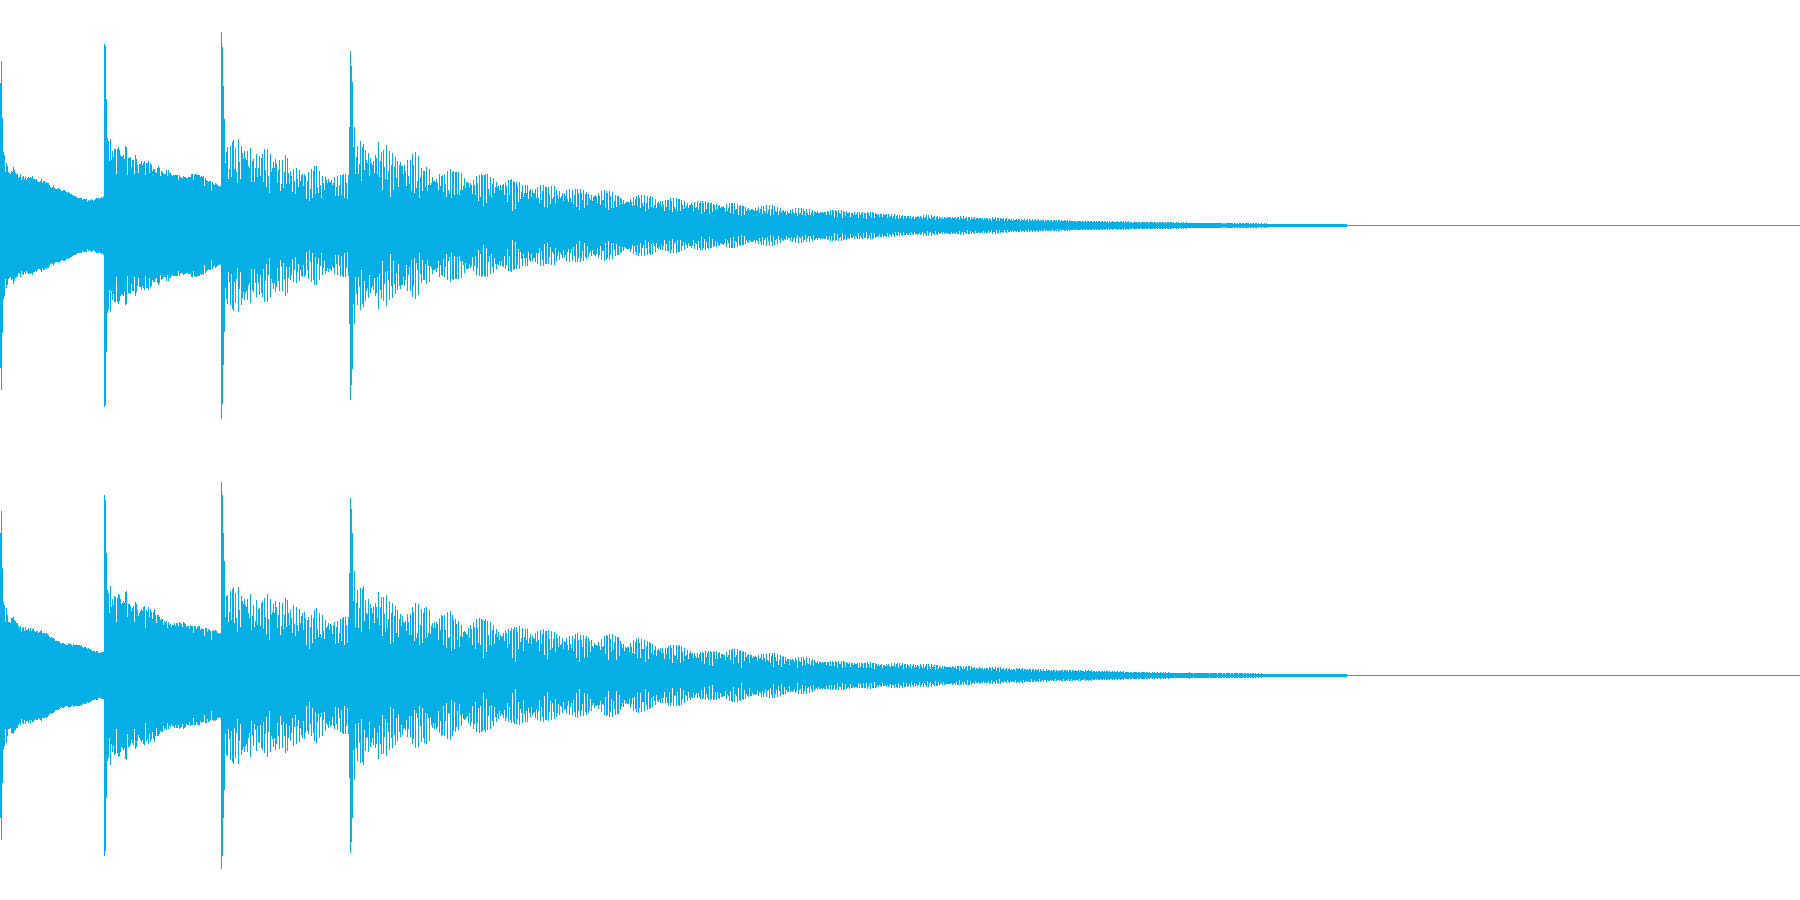 お知らせ音04(ピンポンパンポン)下降Aの再生済みの波形